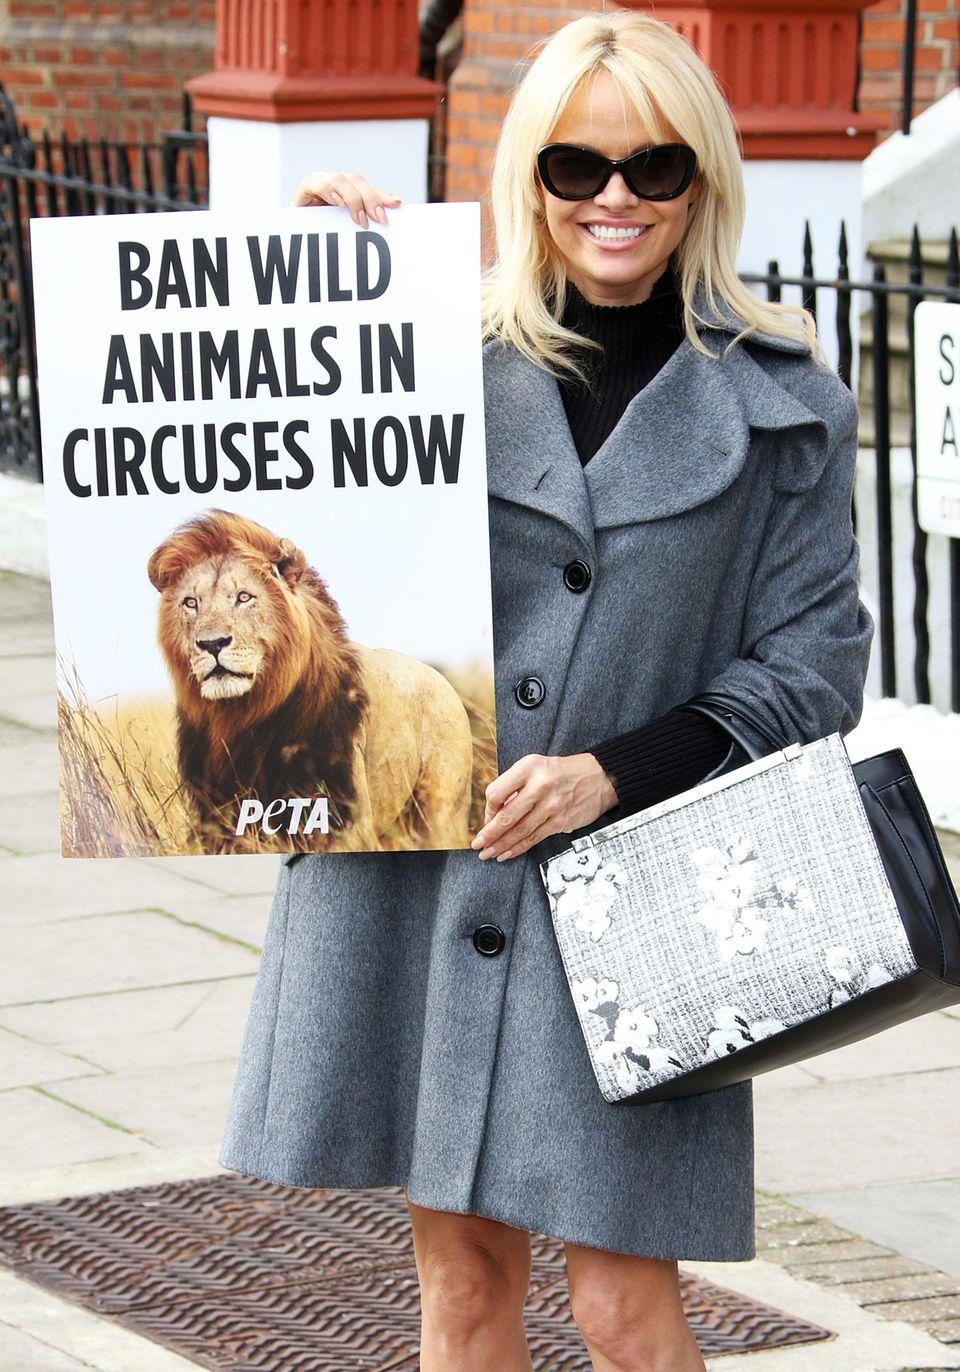 Leidenschaftlich unterstützt Pamela Anderson die Tierschutzorganisation Peta. Der Ex-Baywatch-Star verschickt sogar einen großen Umschlag an Premierministerin Theresa May, in dem sie ein Verbot von Wilden Tieren in Englands Zirkussen verlangt.